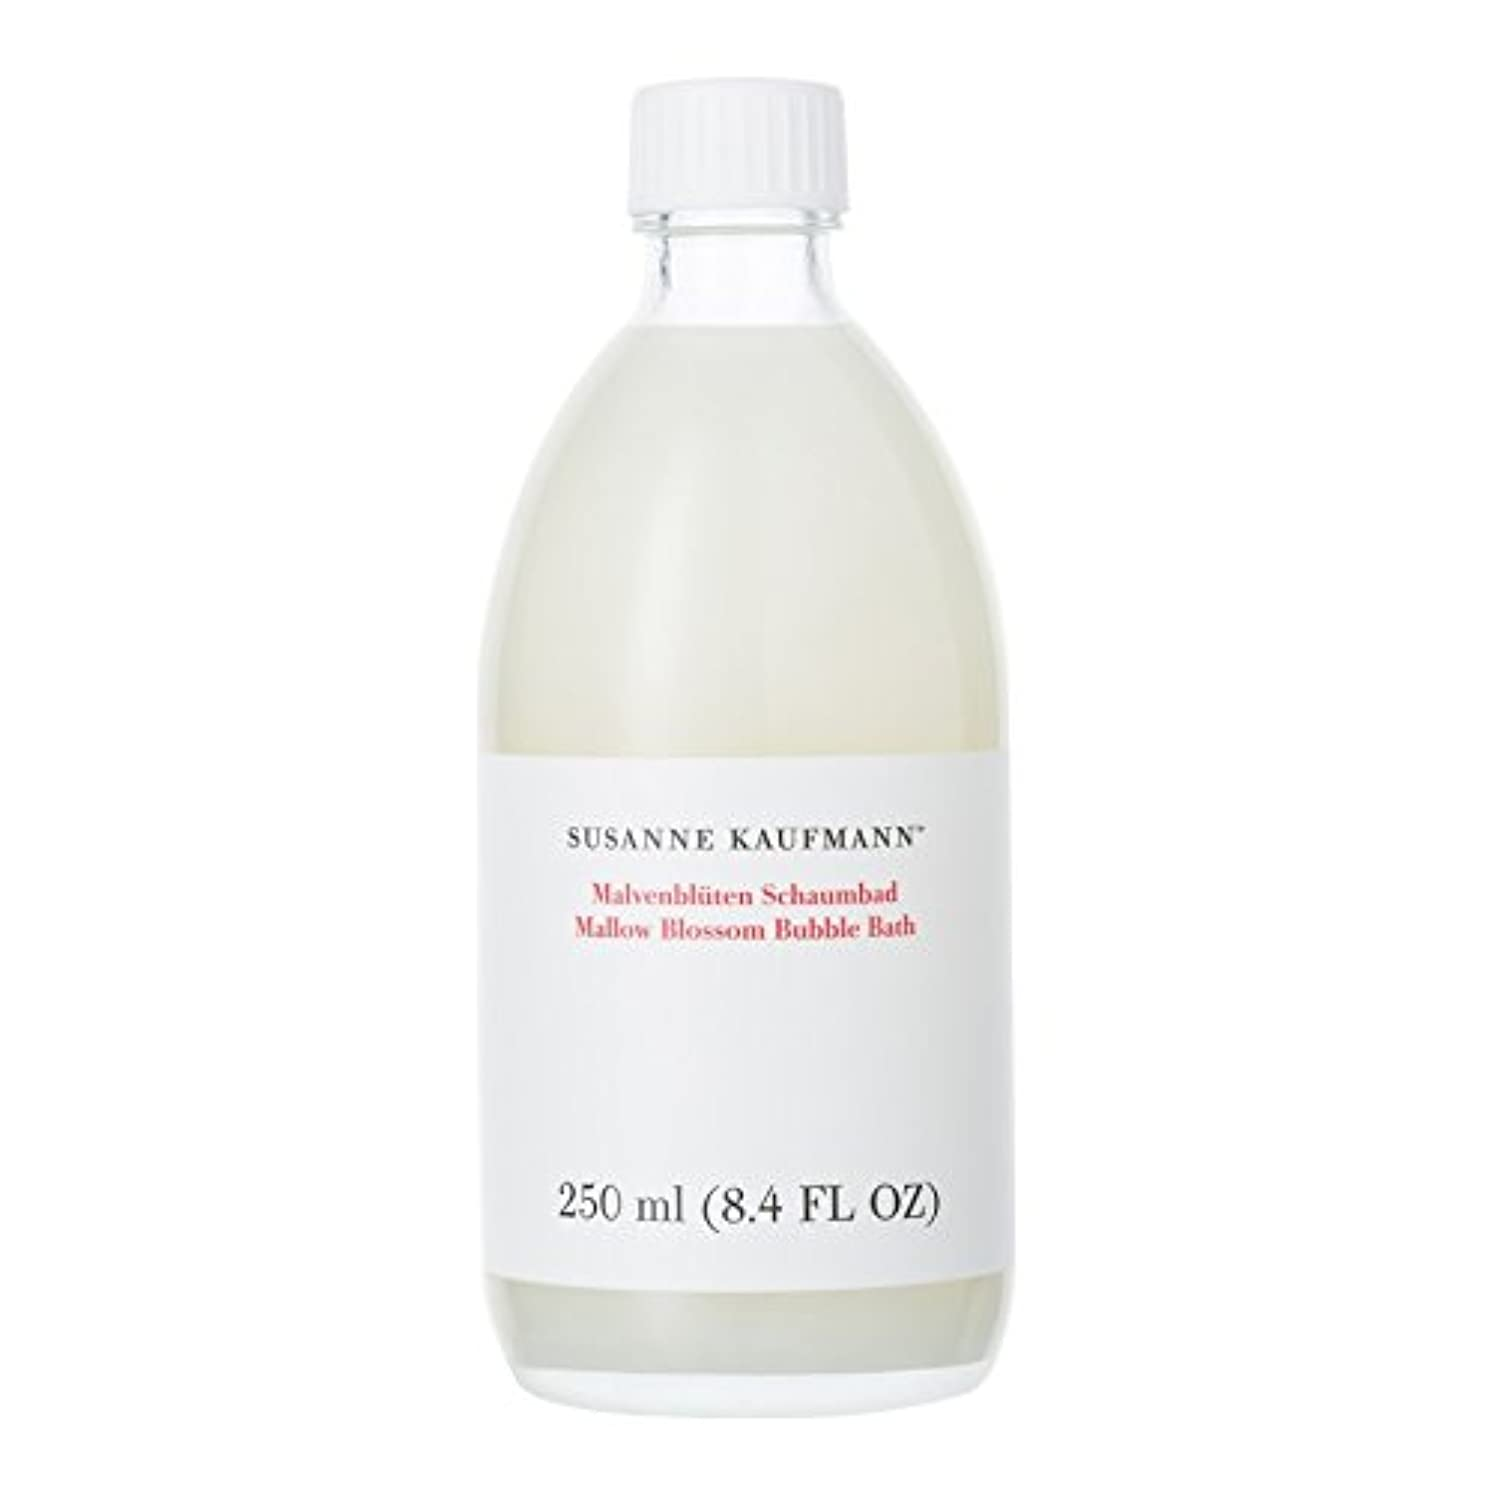 決済老人養うSusanne Kaufmann Mallow Blossom Bath 250ml - スザンヌカウフマンアオイ花バス250ミリリットル [並行輸入品]